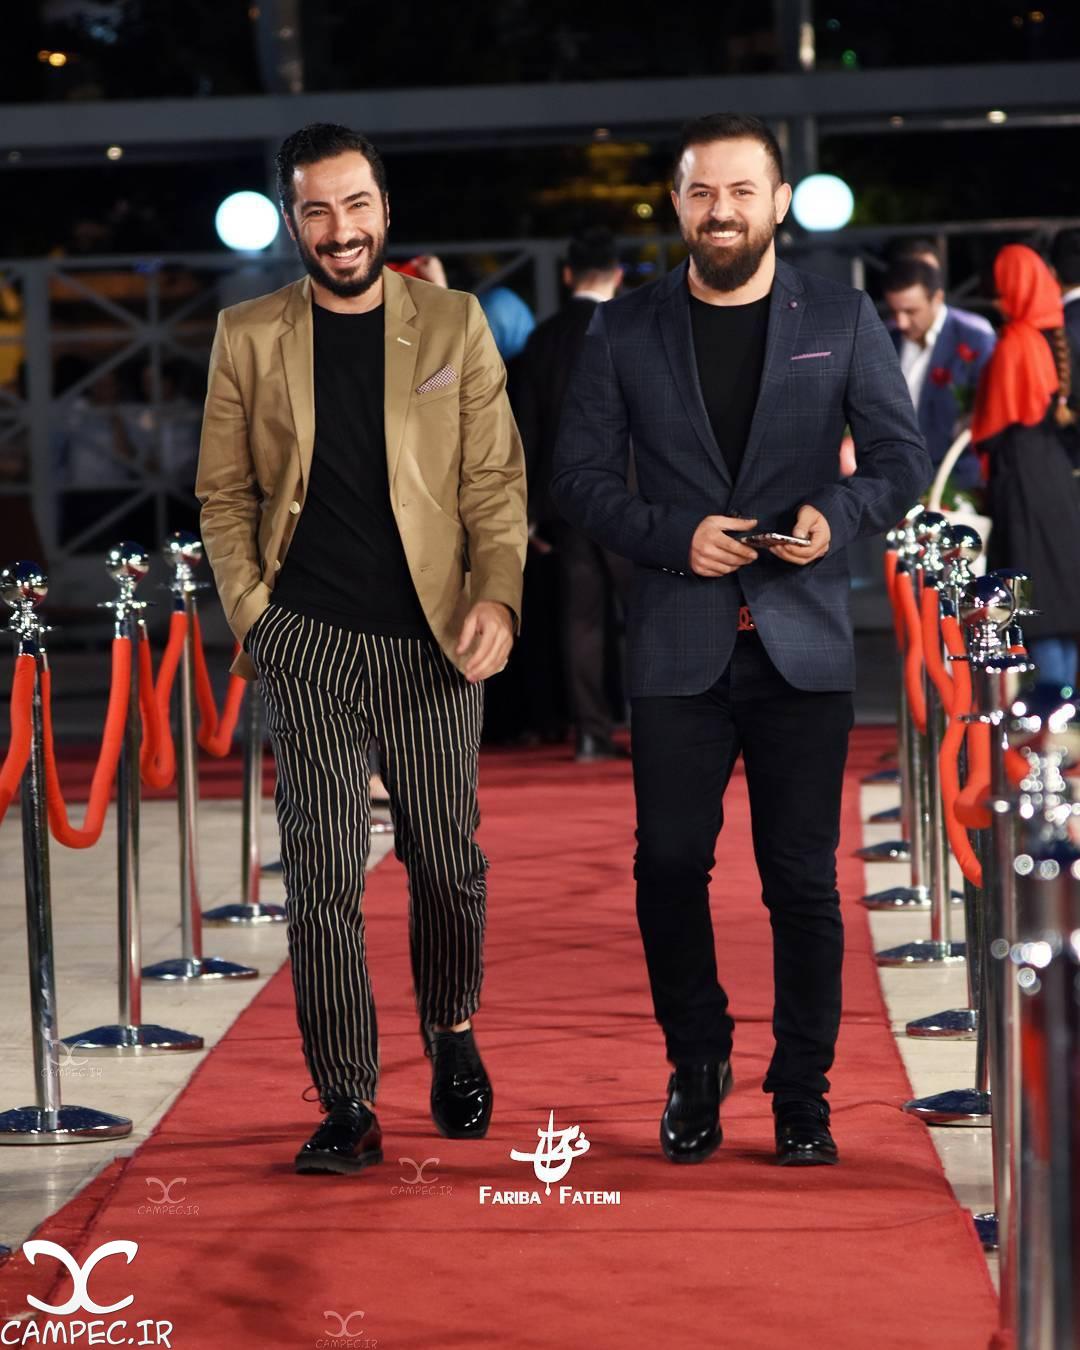 هومن سیدی و نوید محمدزاده در جشن حافظ